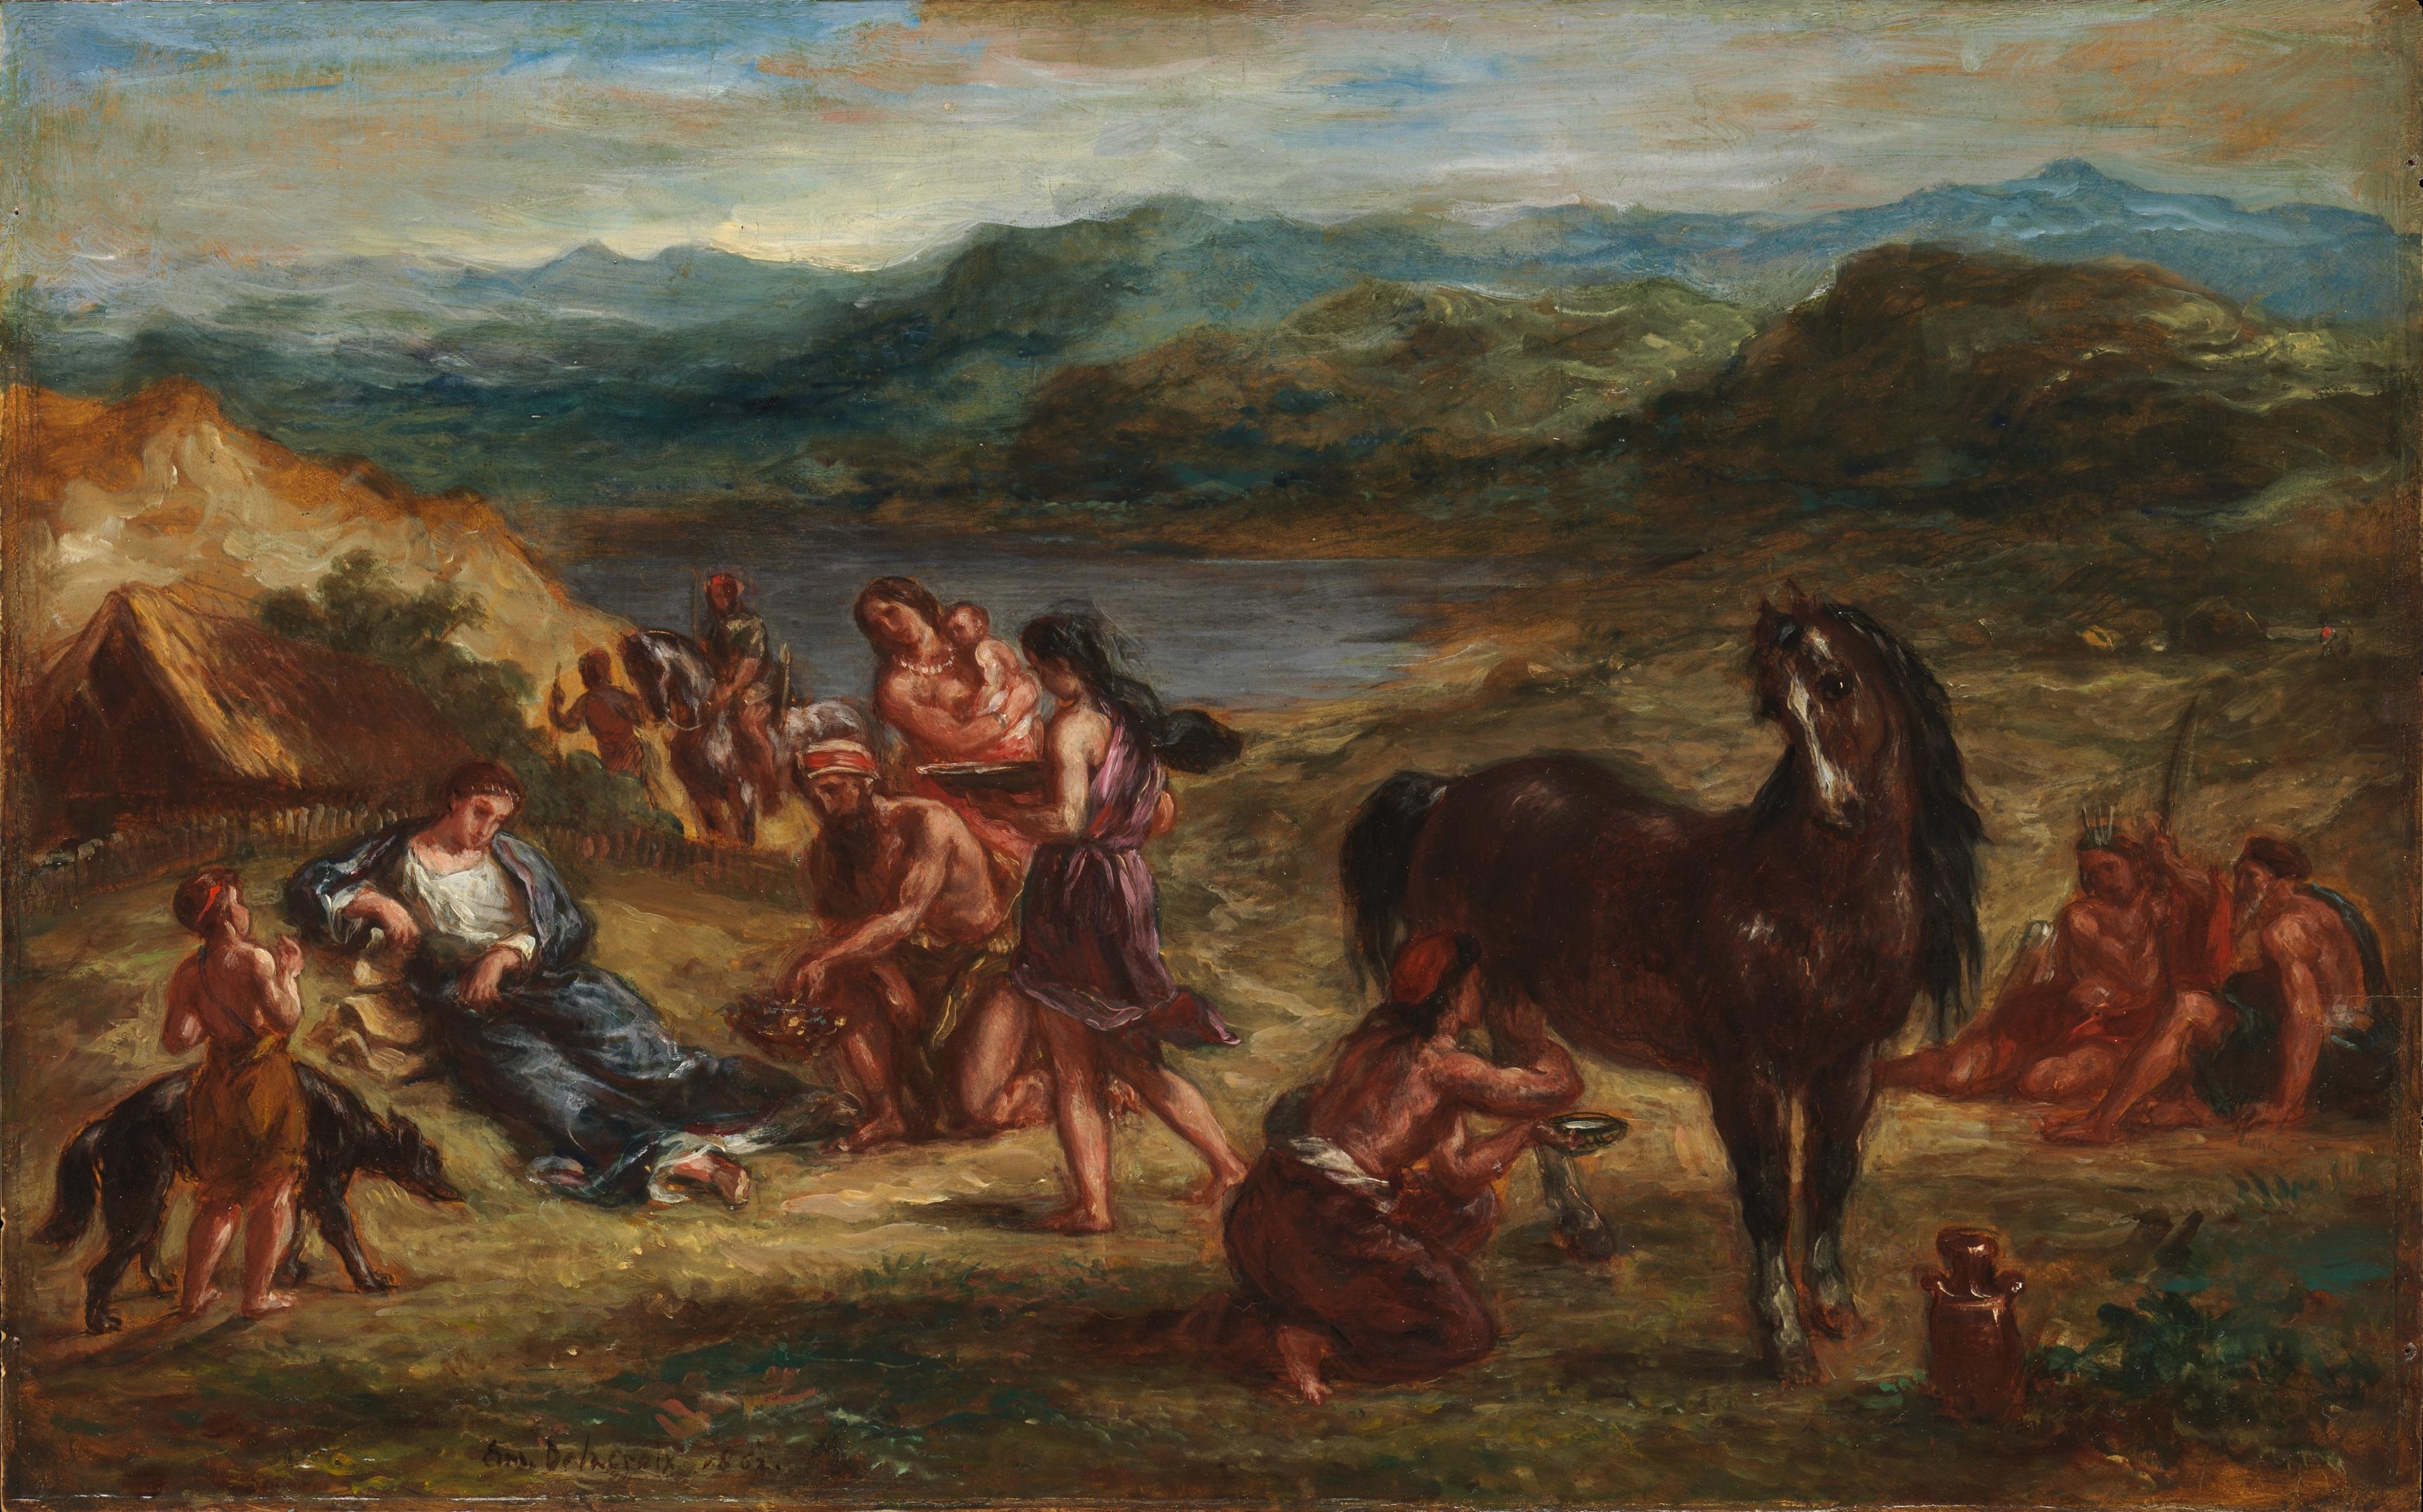 Ovidio tra gli Sciti, quadro di Eugène Delacroix. Esposto al Metropolitan Museum of Art, New York City